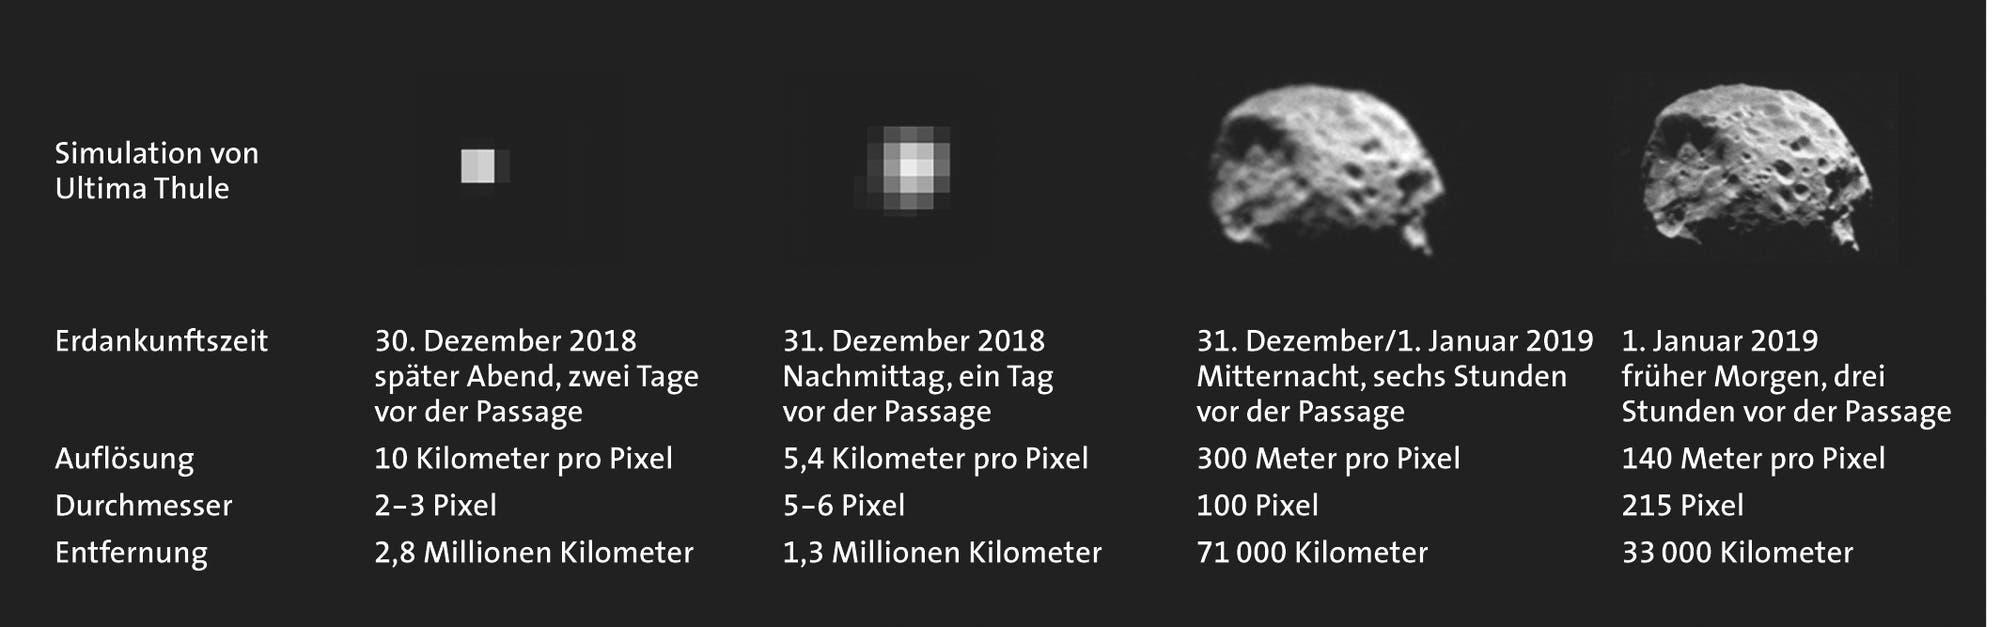 Simulation der Bilder von New Horizons beim Anflug auf Ultima Thule